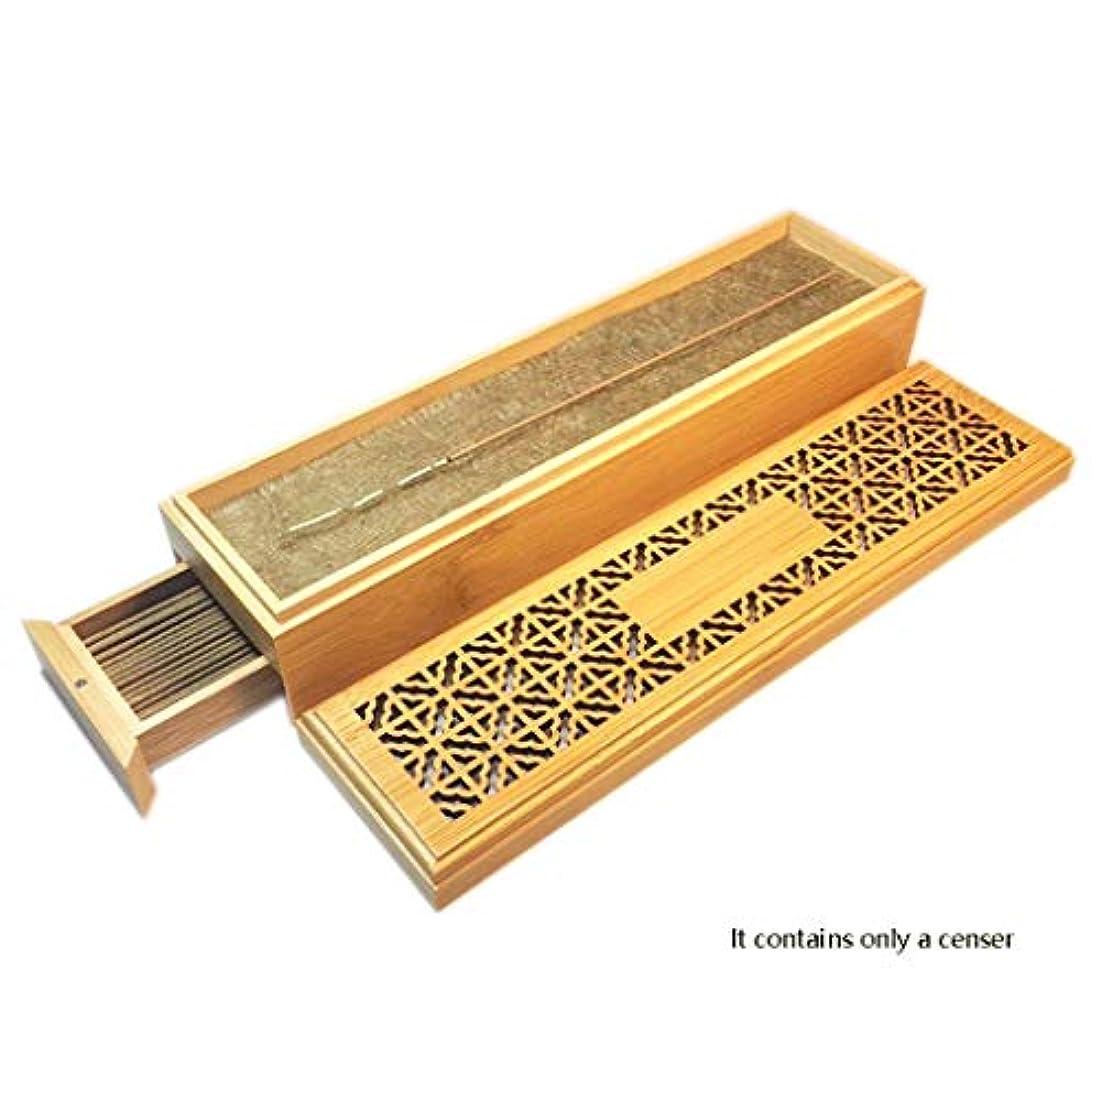 クリープ半島季節ホームアロマバーナー 竹製お香バーナー引き出し付スティック収納ボックス中空木製ケースボックスIncensoスティックホルダー 芳香器アロマバーナー (Color : Natural)